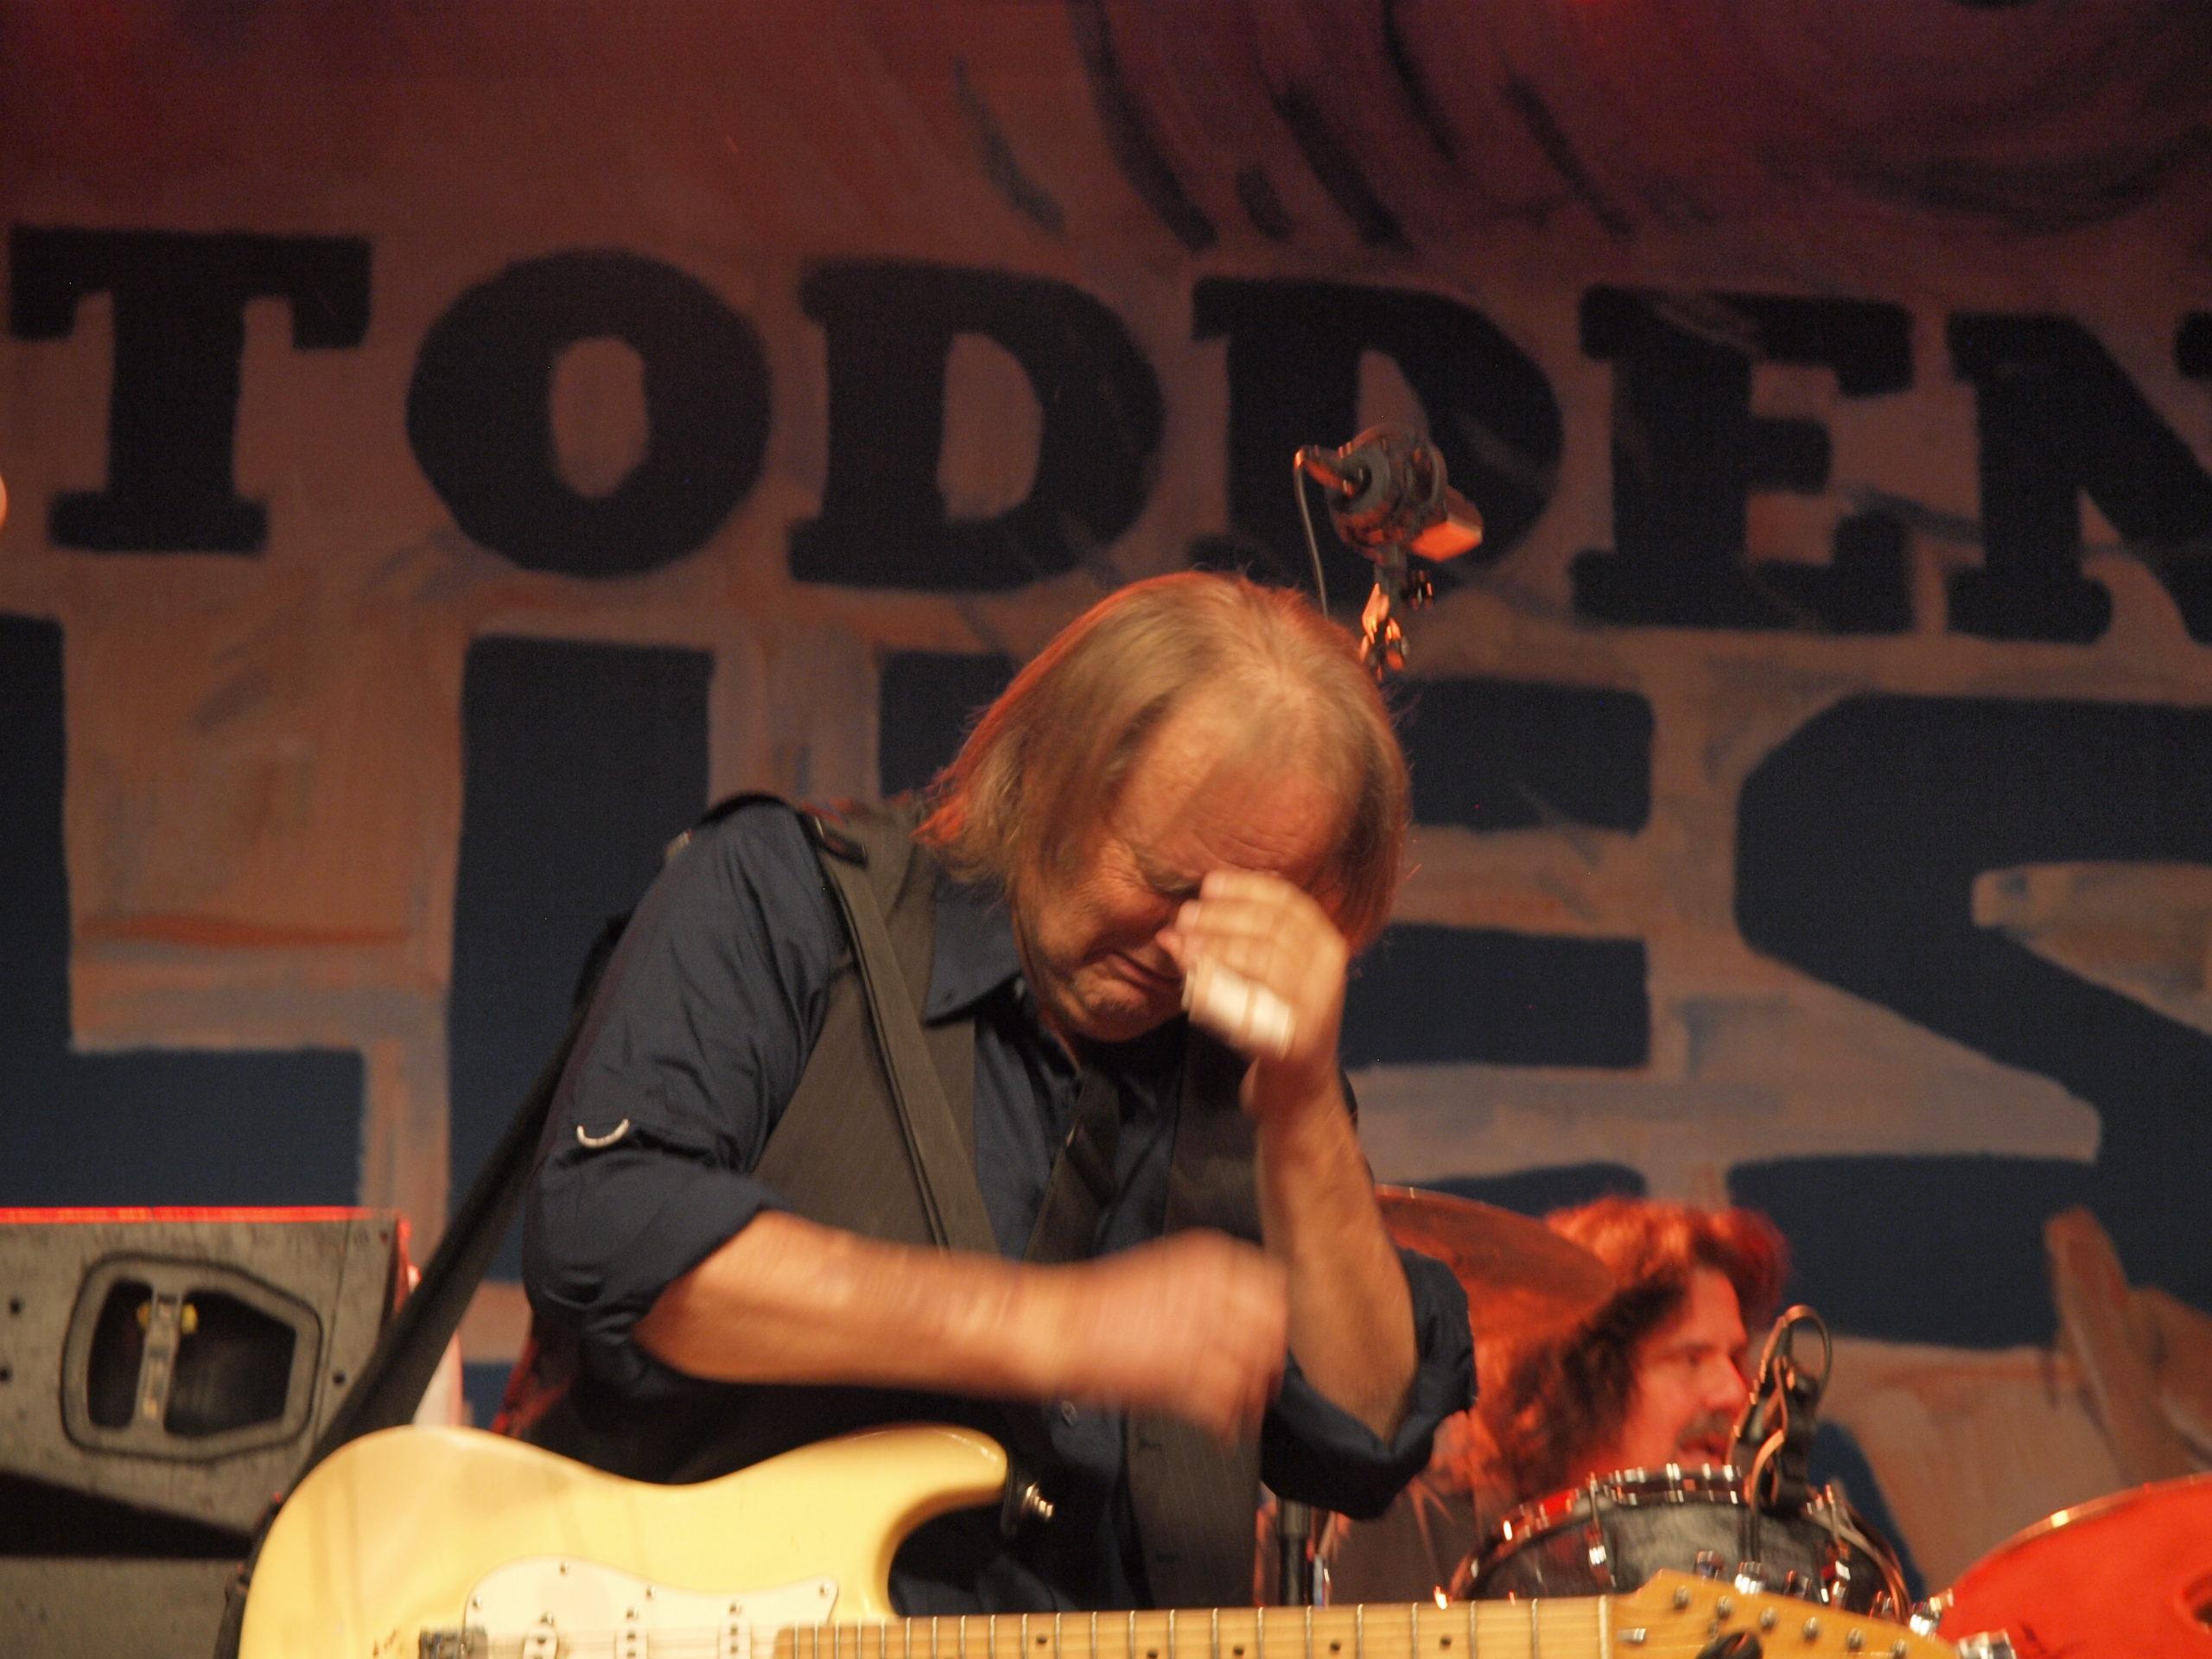 Kjærligheten fra publikum fikk Walter Trout til å bryte sammen under en konsert i fjor på Notodden Blues Festival i Telemark.